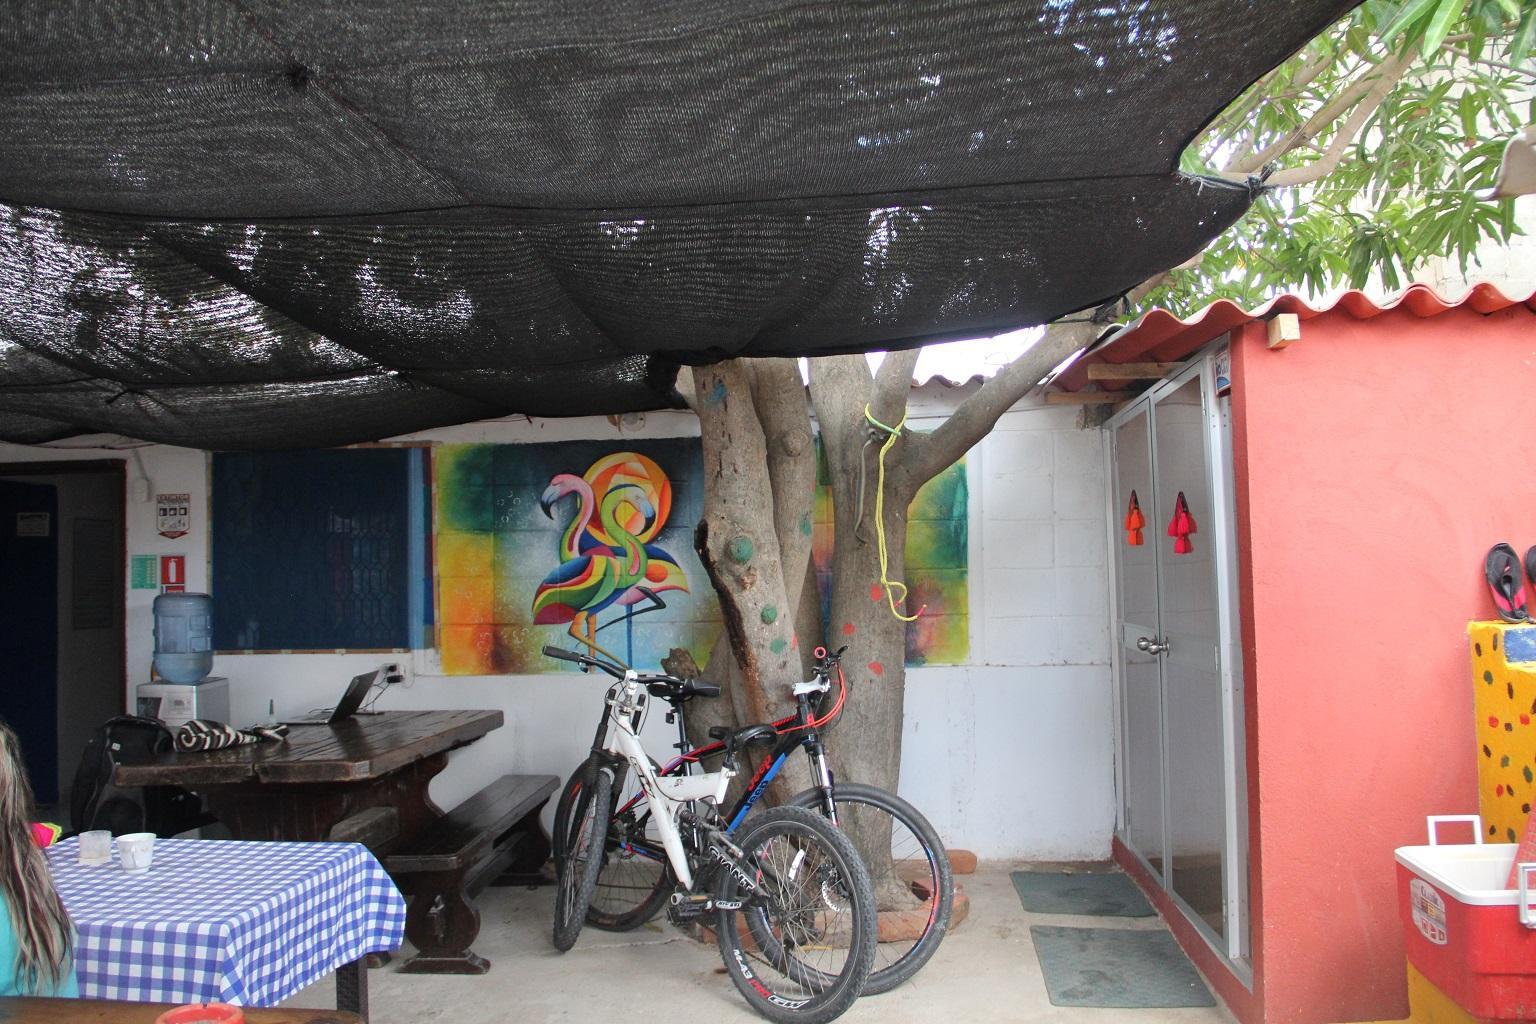 Habitacion al aire libre compartida con Hamacas  photo 6382352